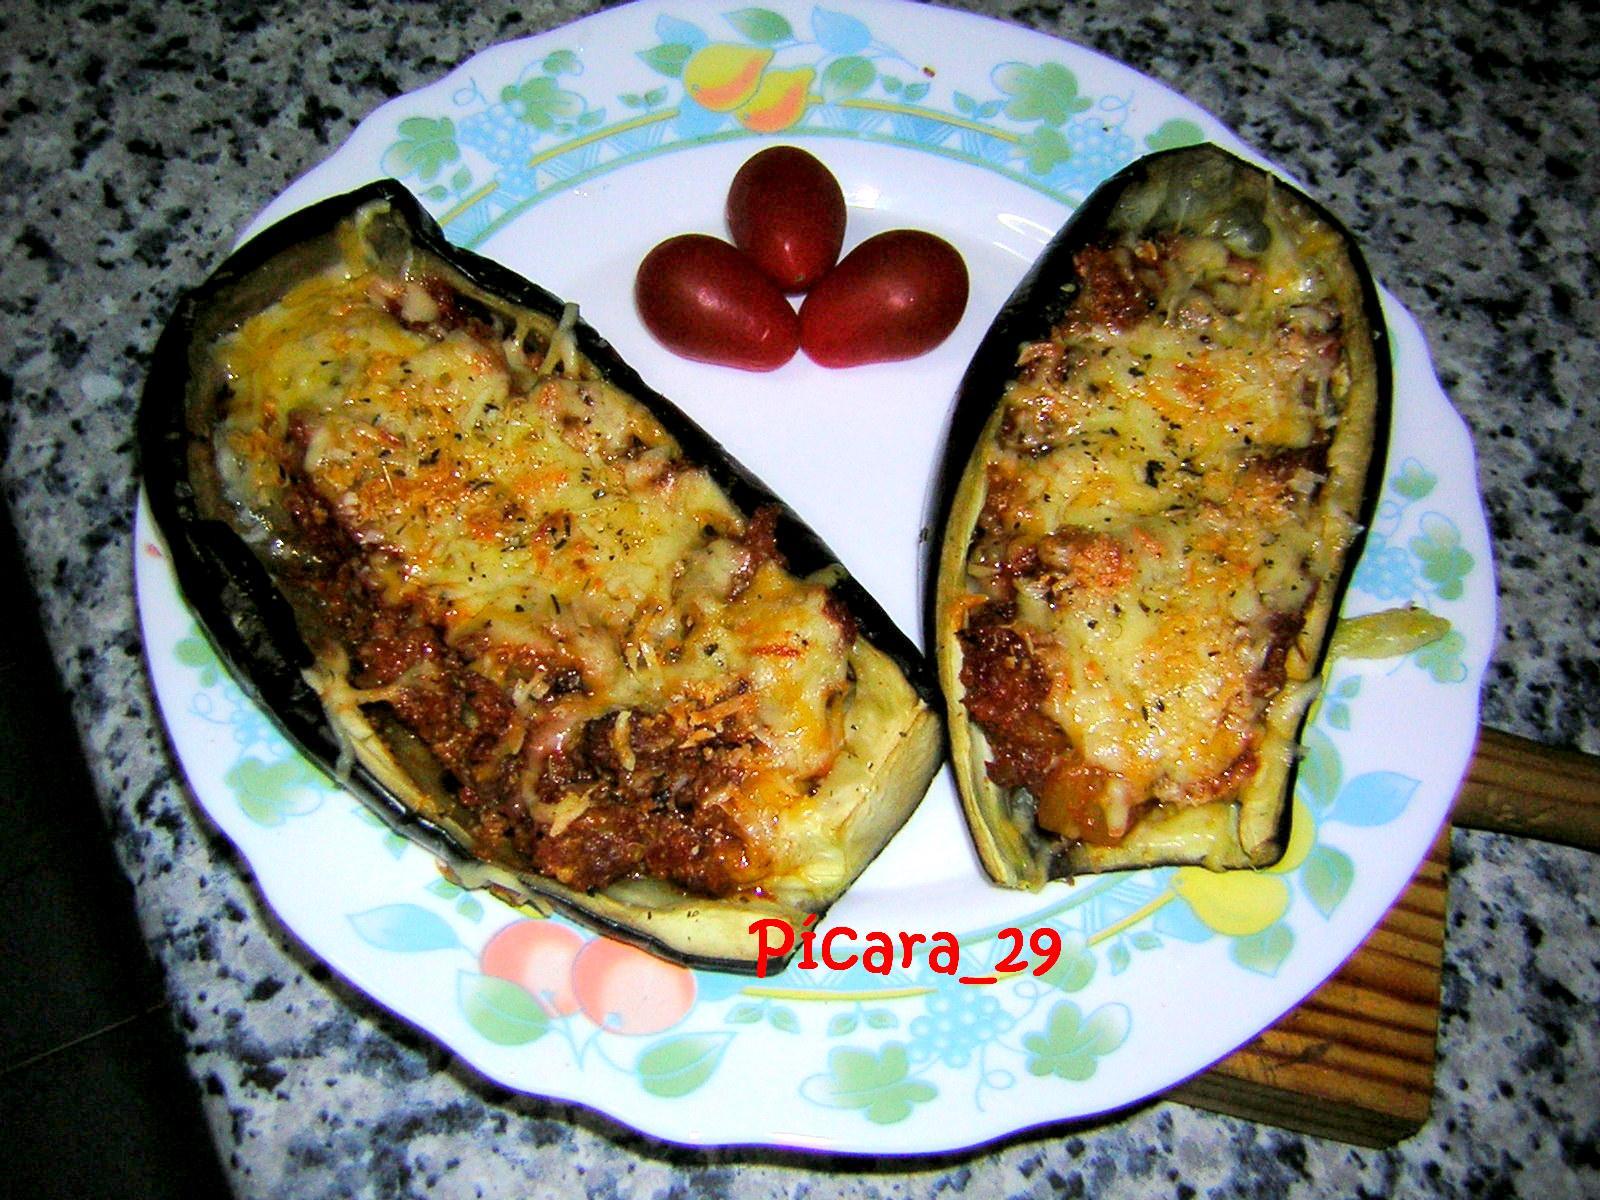 P cara y su cocina berenjenas rellenas for Cocina berenjenas rellenas